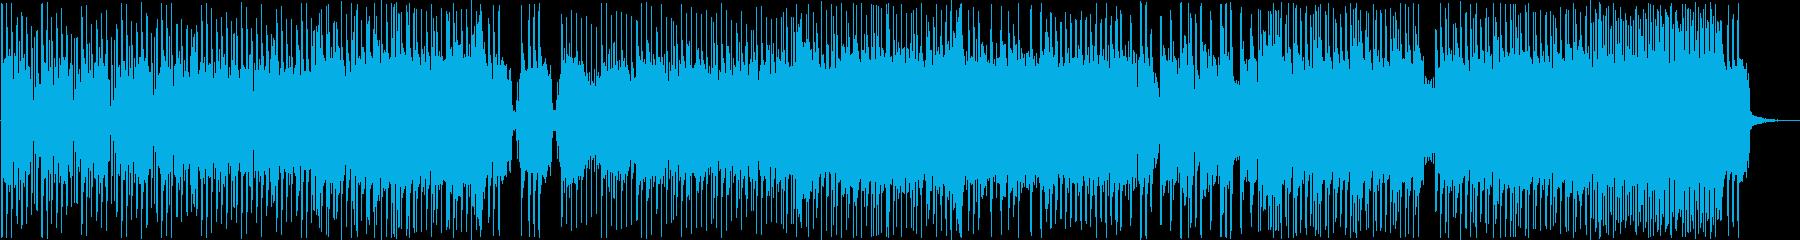 ギターのリフが印象的なロックの再生済みの波形